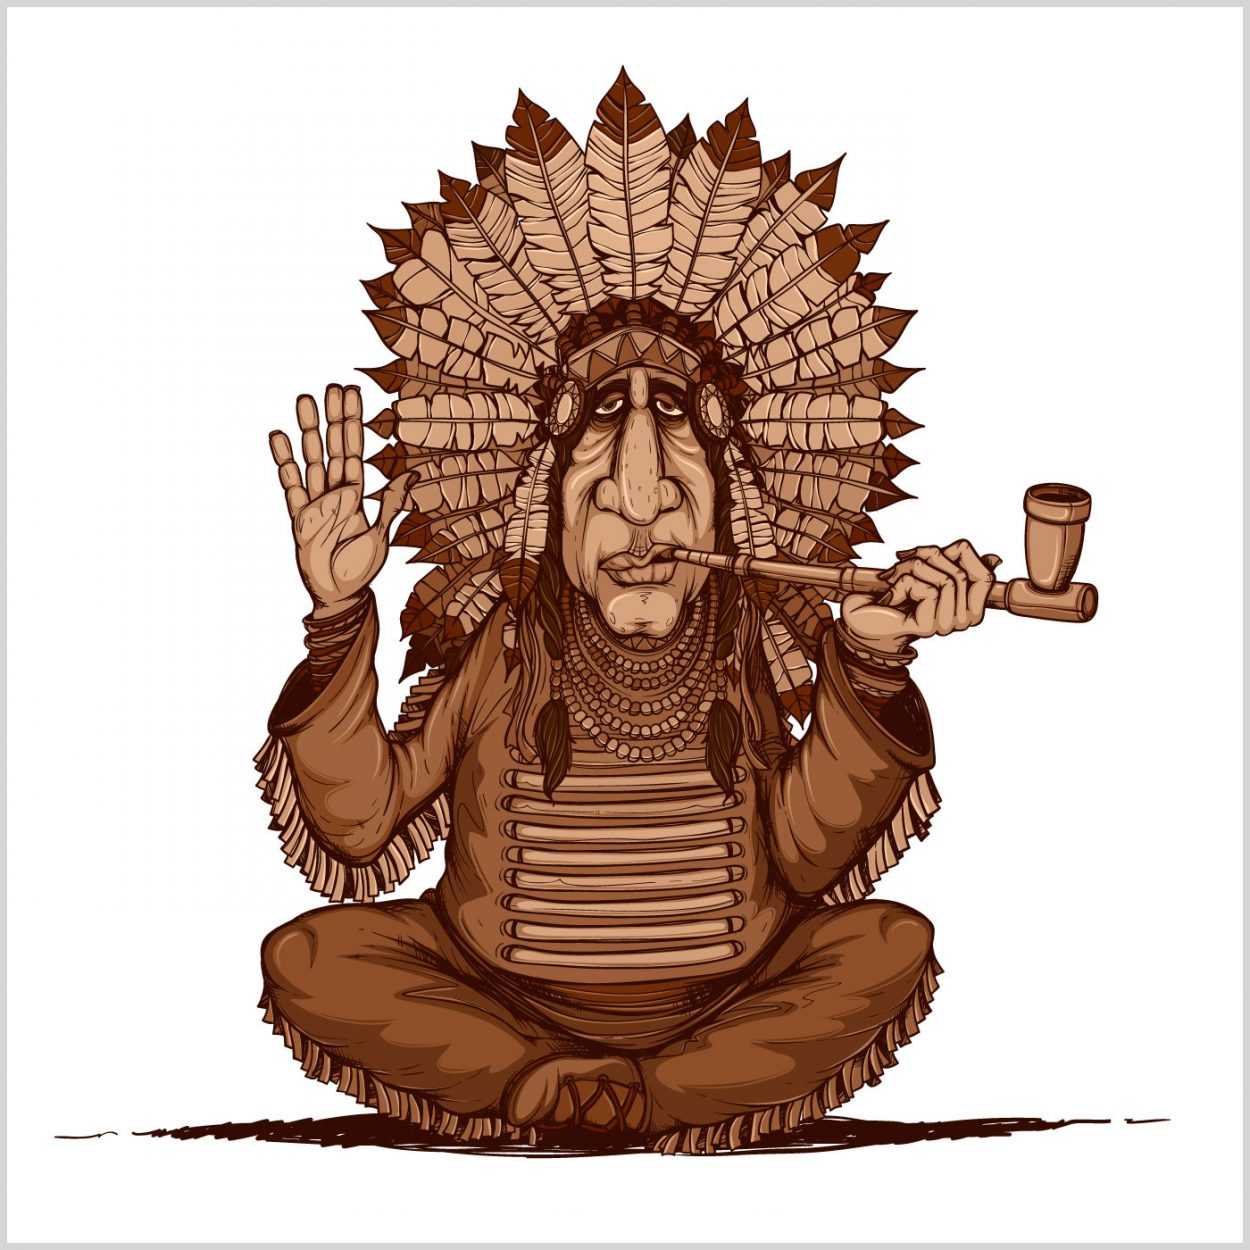 прикольные картинки индейцев опубликуем нашем